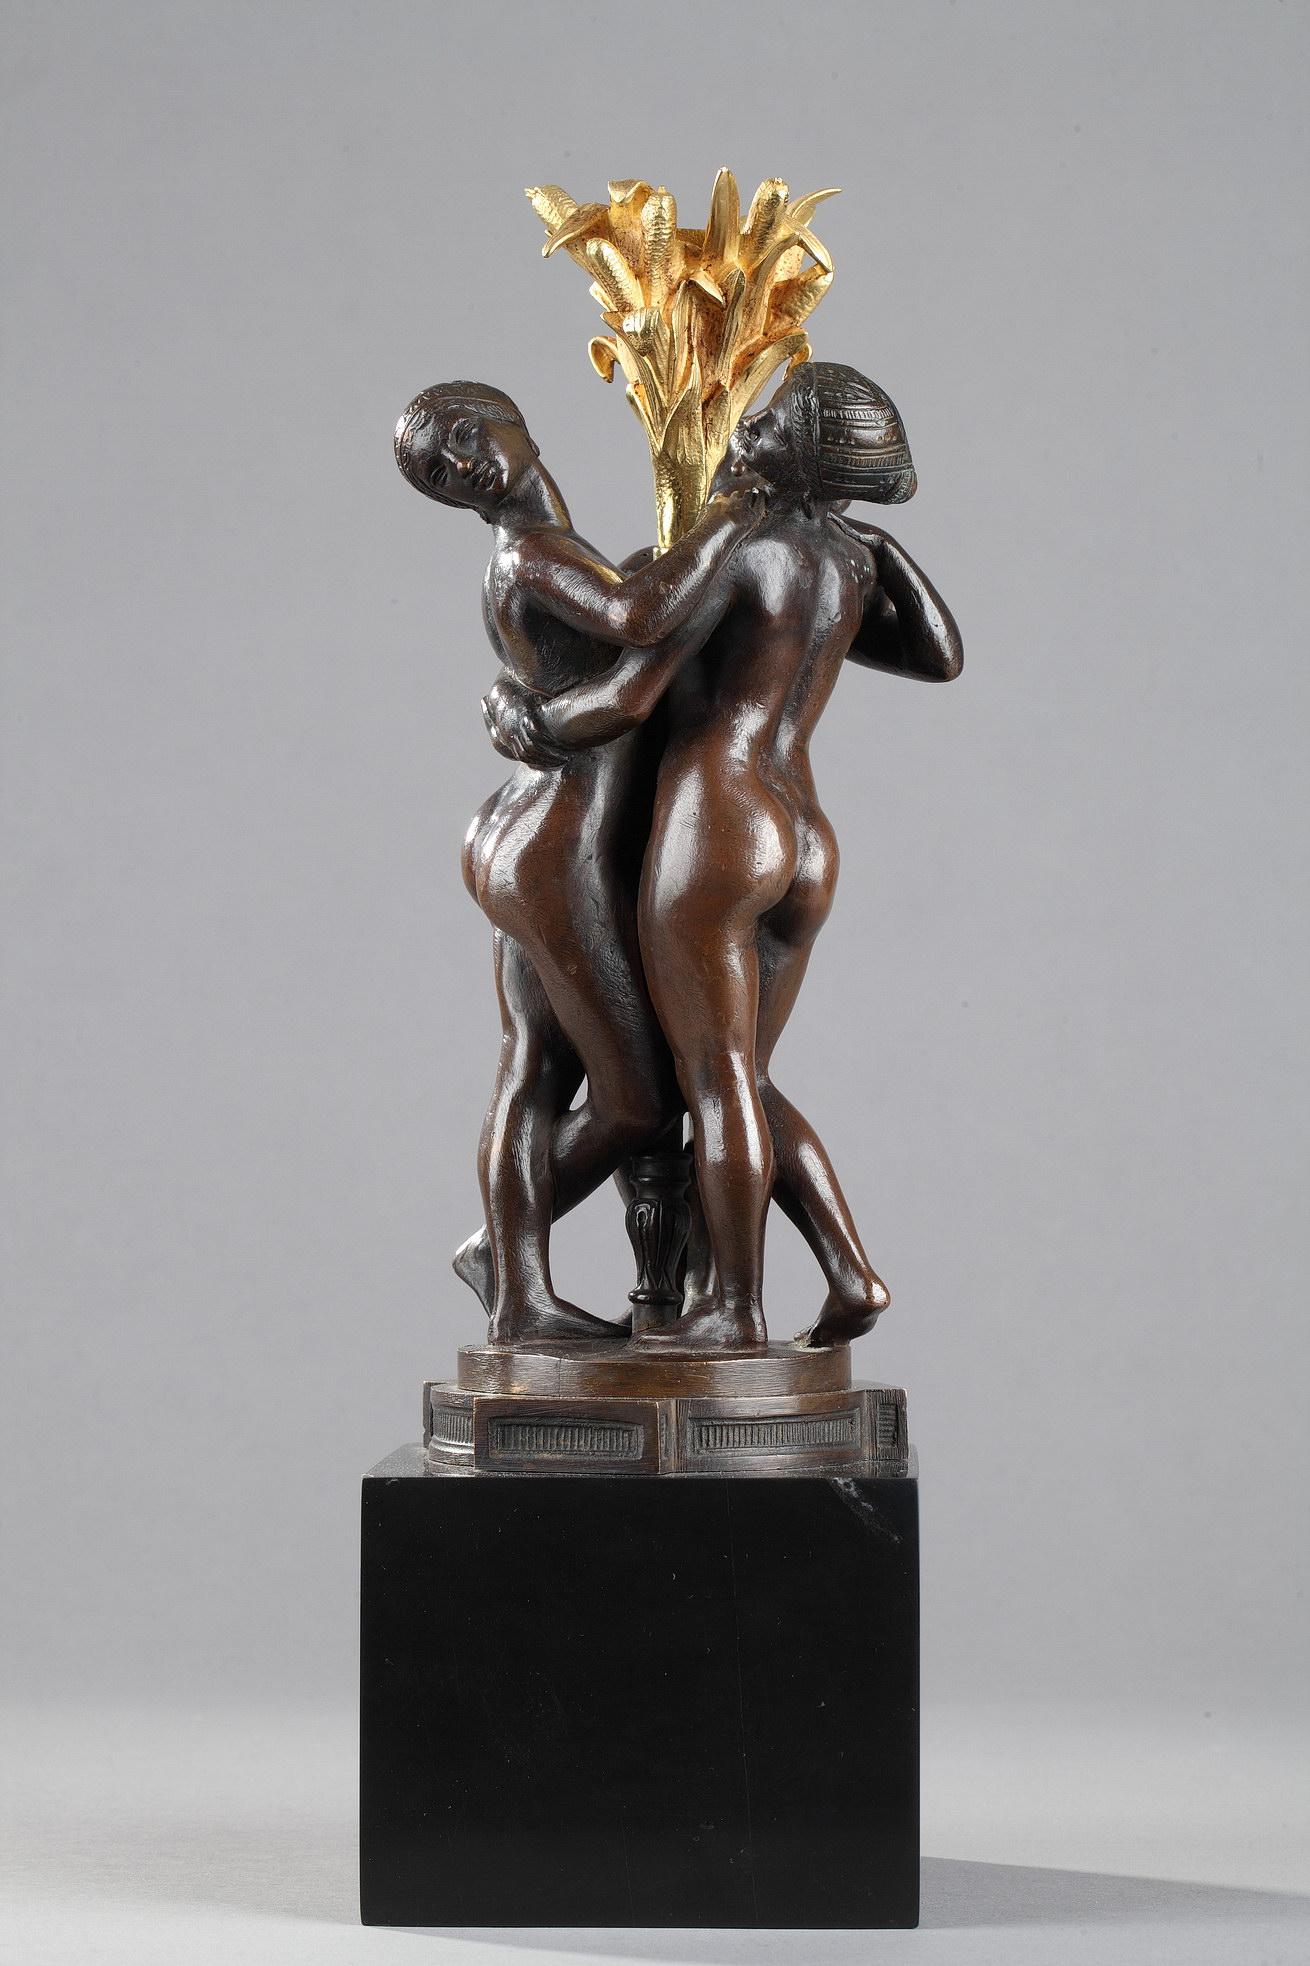 """Antoine-Louis Barye (1796-1875), """"Les Grâces"""", bronze à patine marron foncé nuancé, fonte de la fin de l'atelier Barye, socle en marbre noir fin de Belgique, haut. totale 31 cm, sculptures - galerie Tourbillon, Paris"""